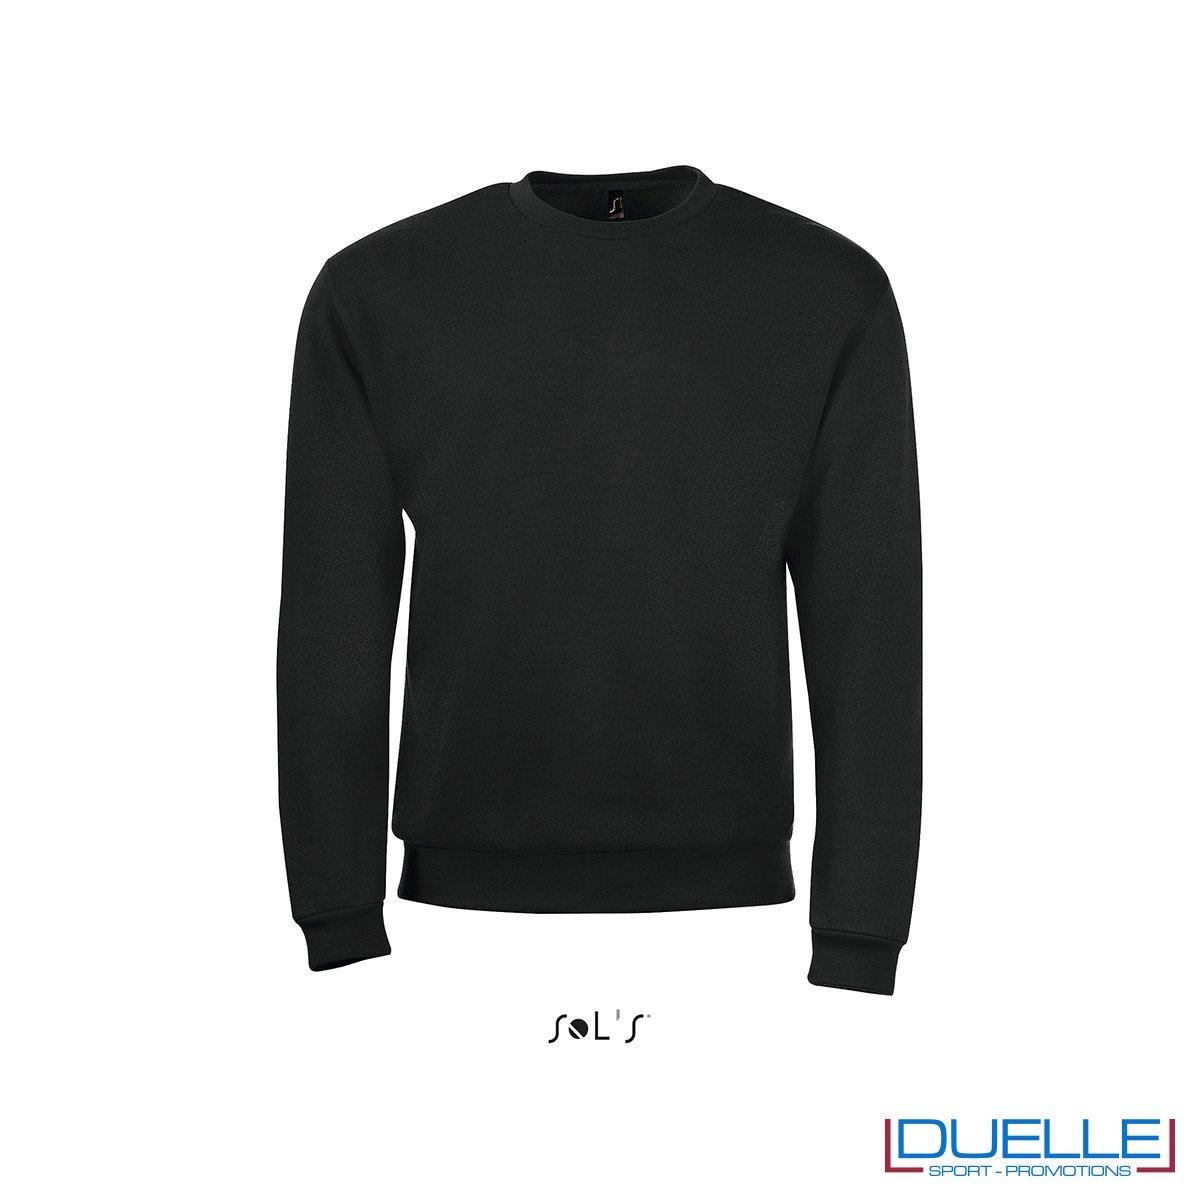 felpa personalizzata con girocollo in colore nero, felpe personalizzate, abbigliamento promozionale personalizzato